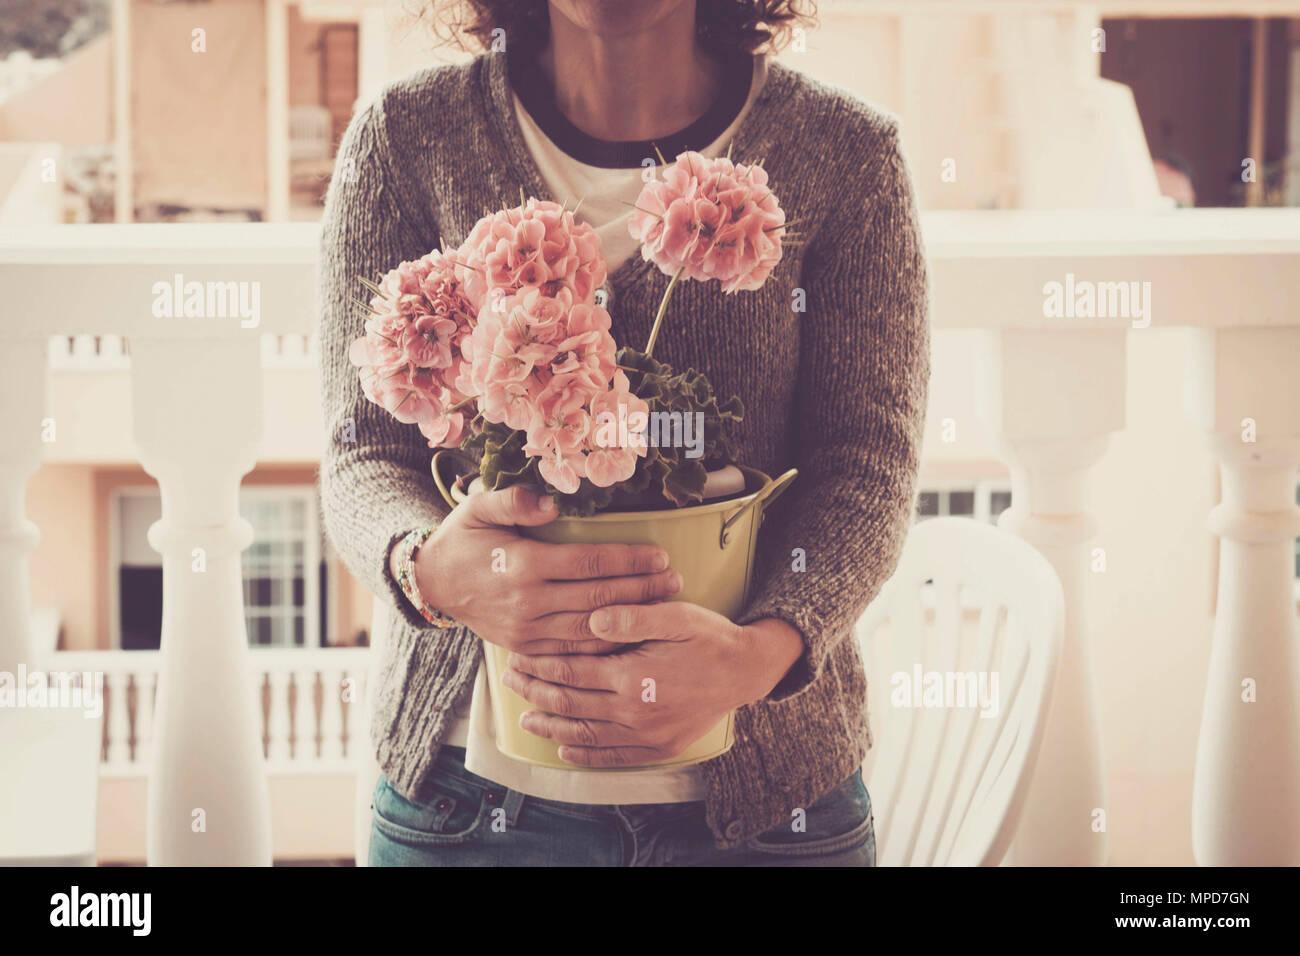 Kaukasische Frau mittleren Alters mit großen Vase mit Blumen im Freien auf der Terrasse mit Sonnenlicht. Romantische bohemien Konzept hippy Lebensstil Stockbild